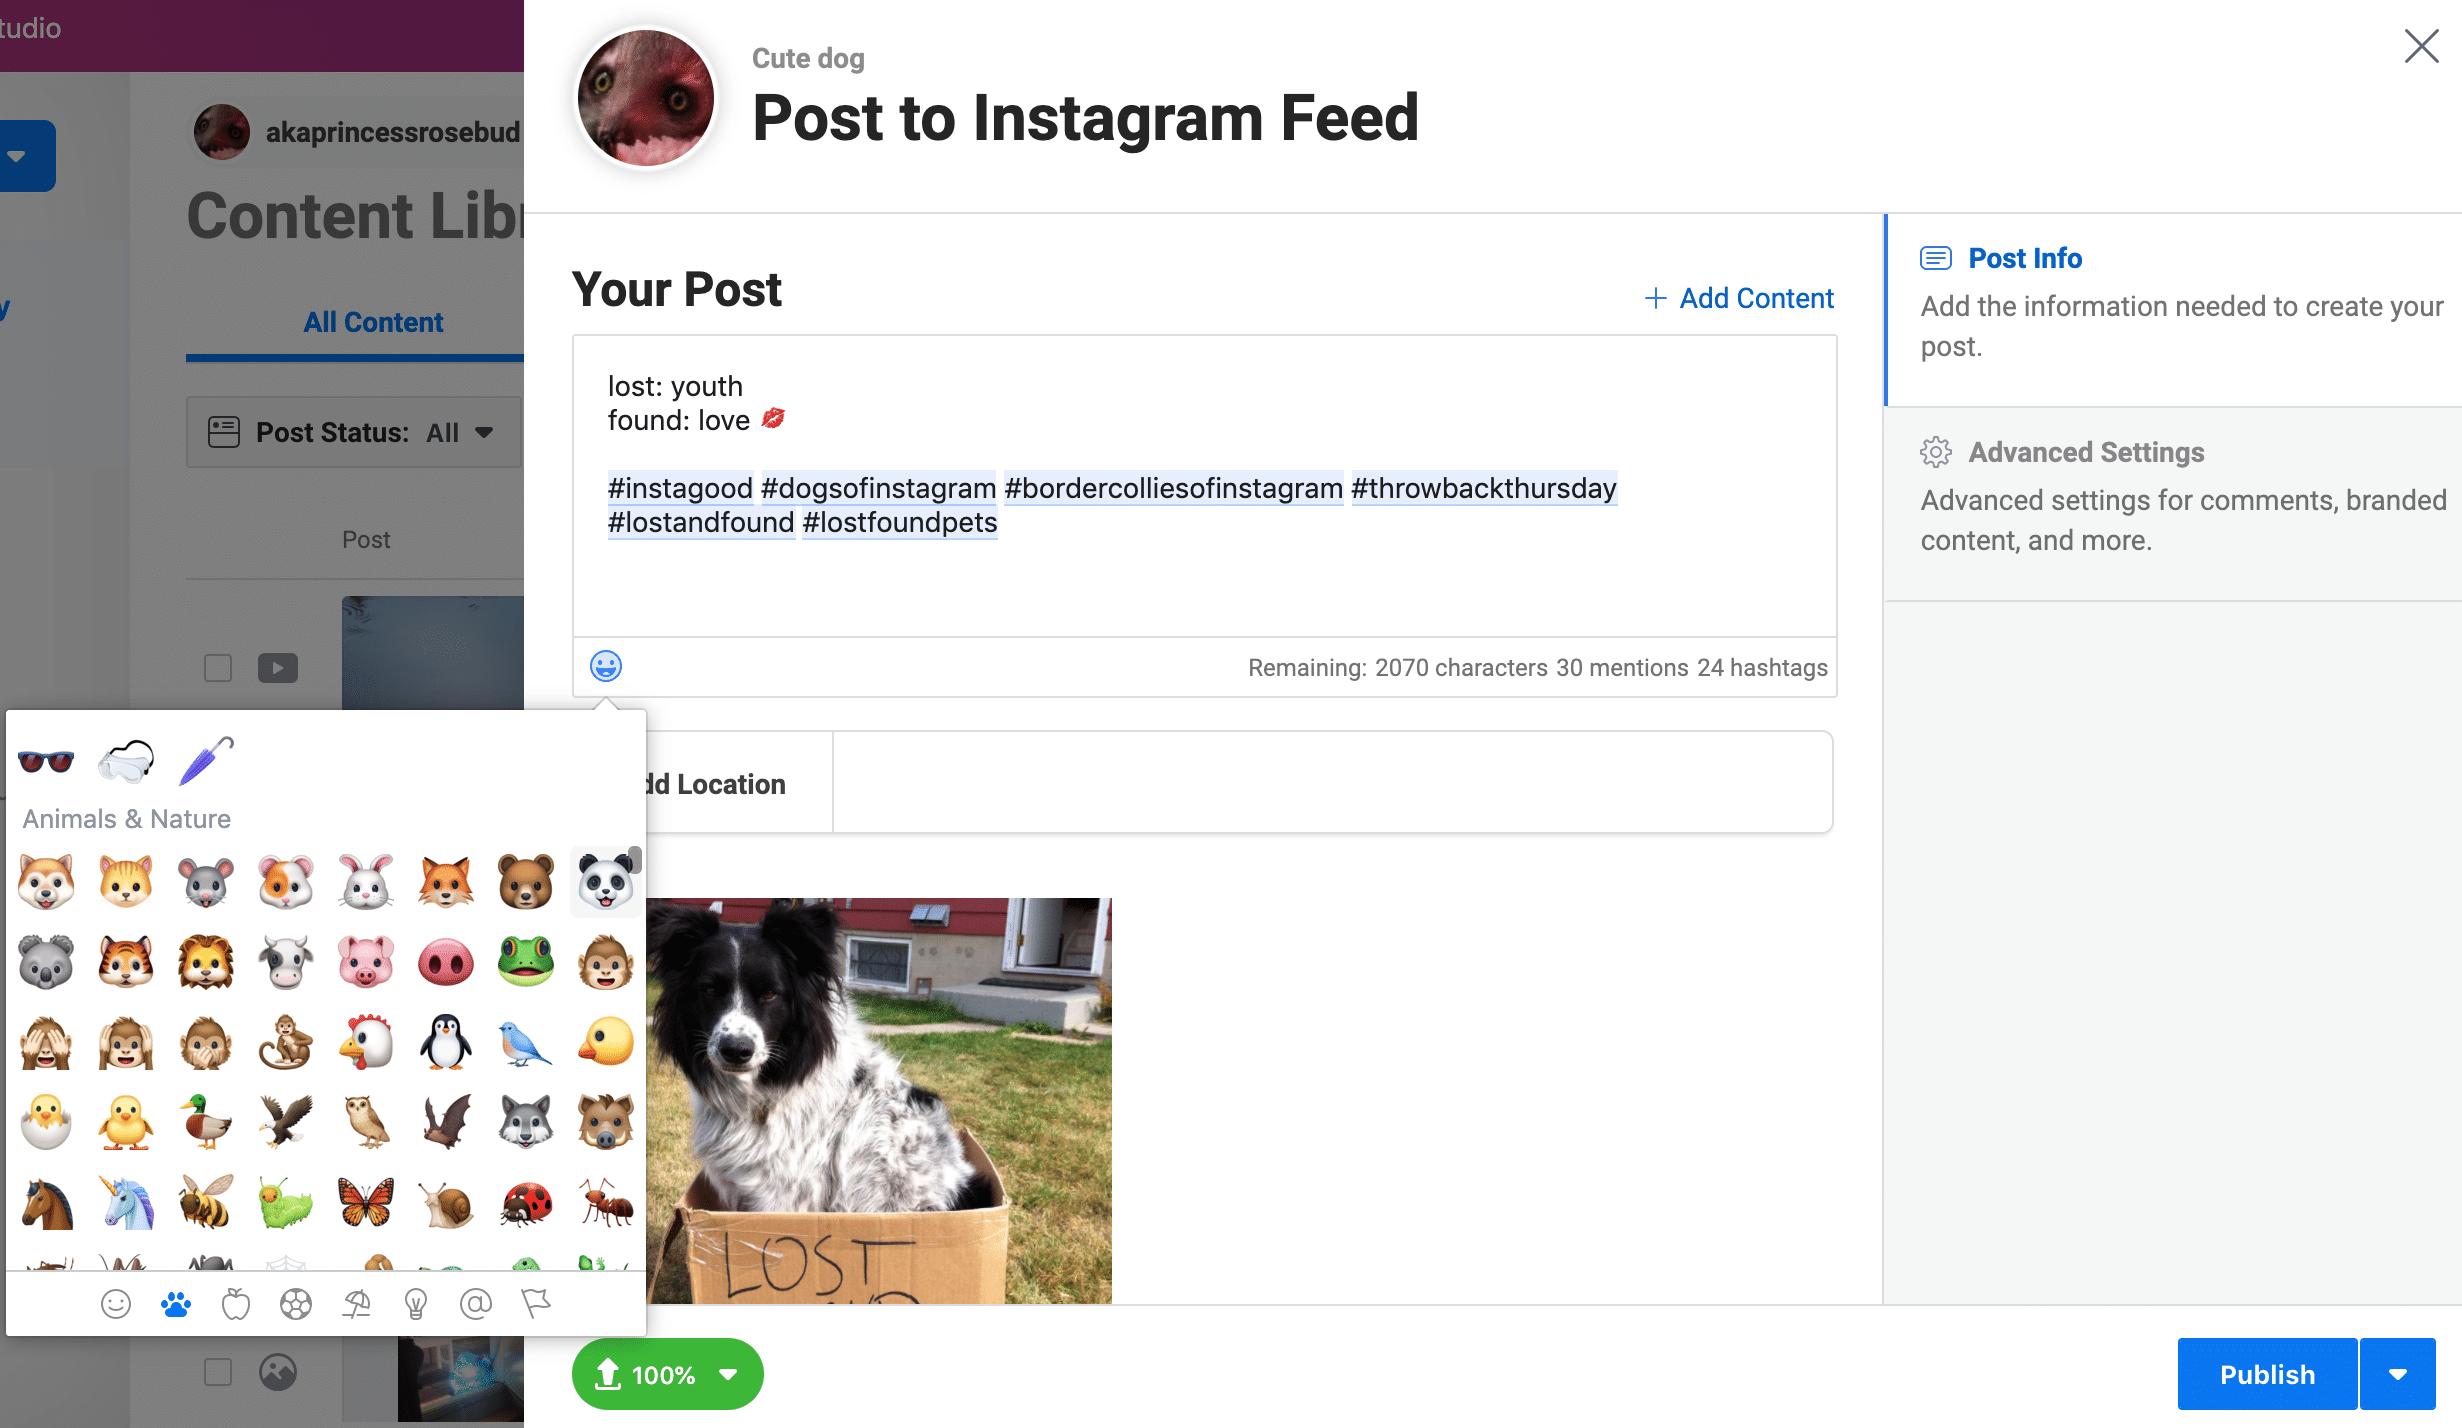 Использование Creator Studio для планирования публикаций в Instagram: параметры смайликов